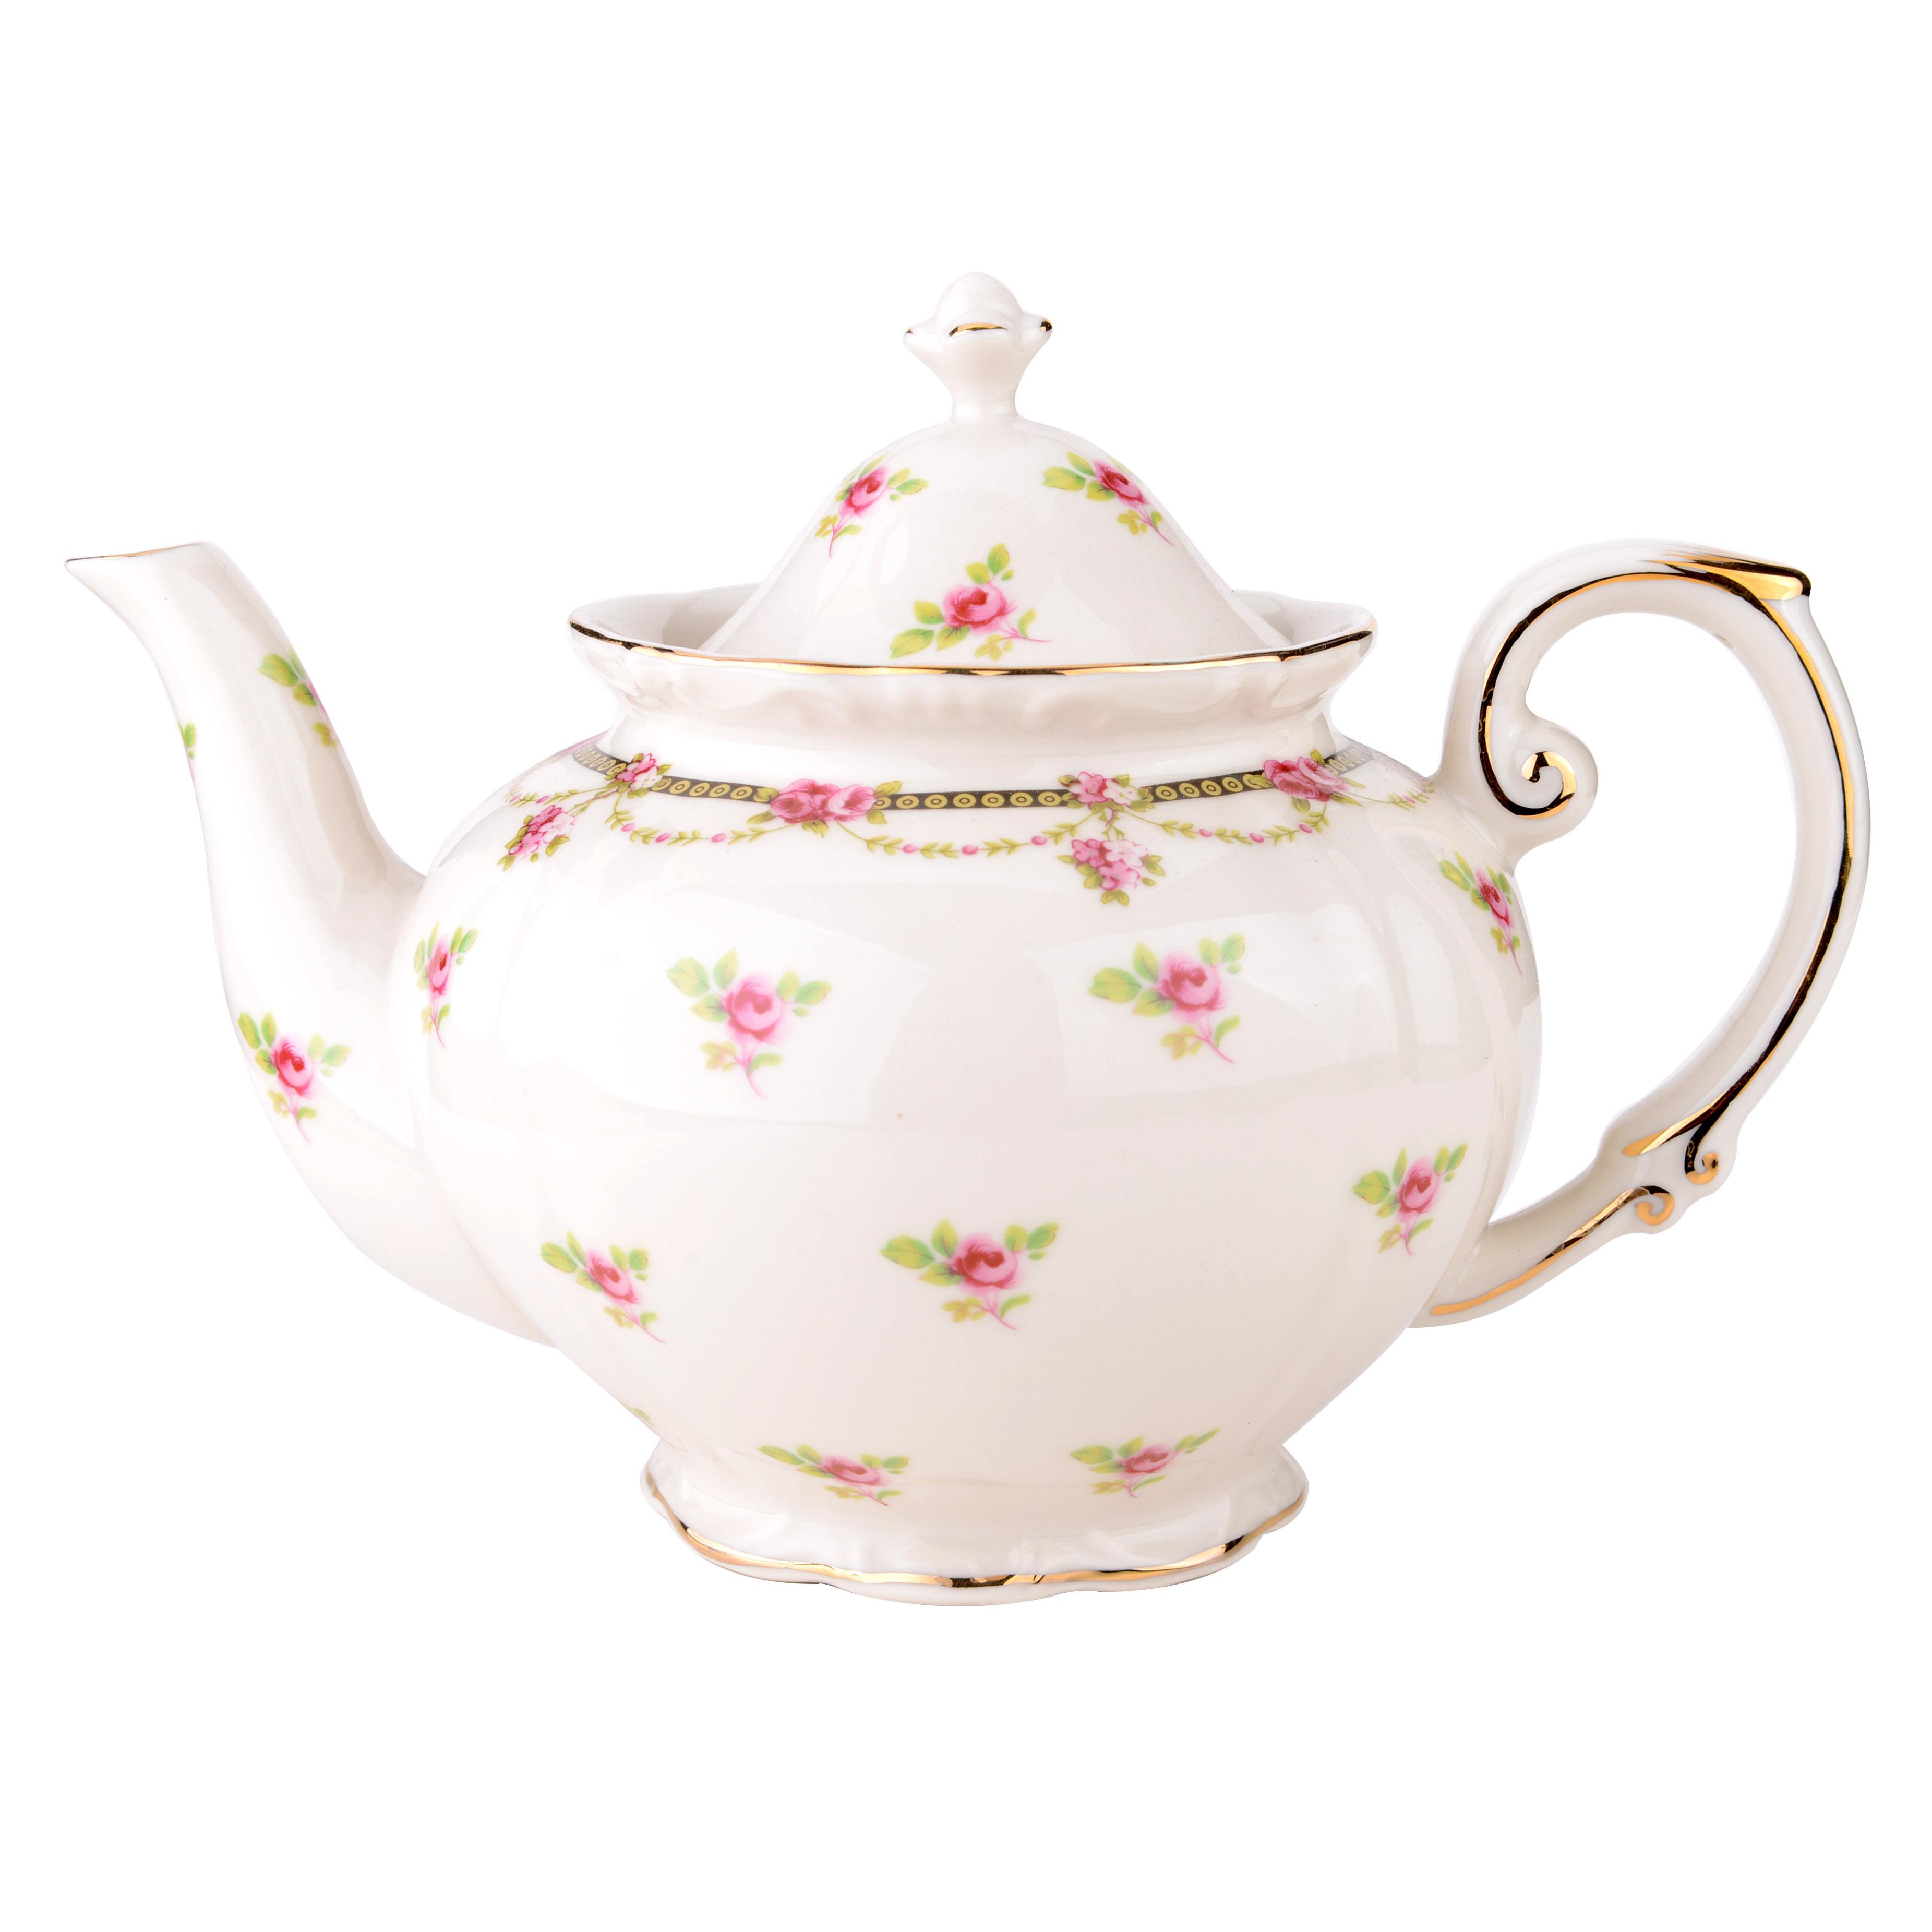 Petite Fleur Porcelain Teapot